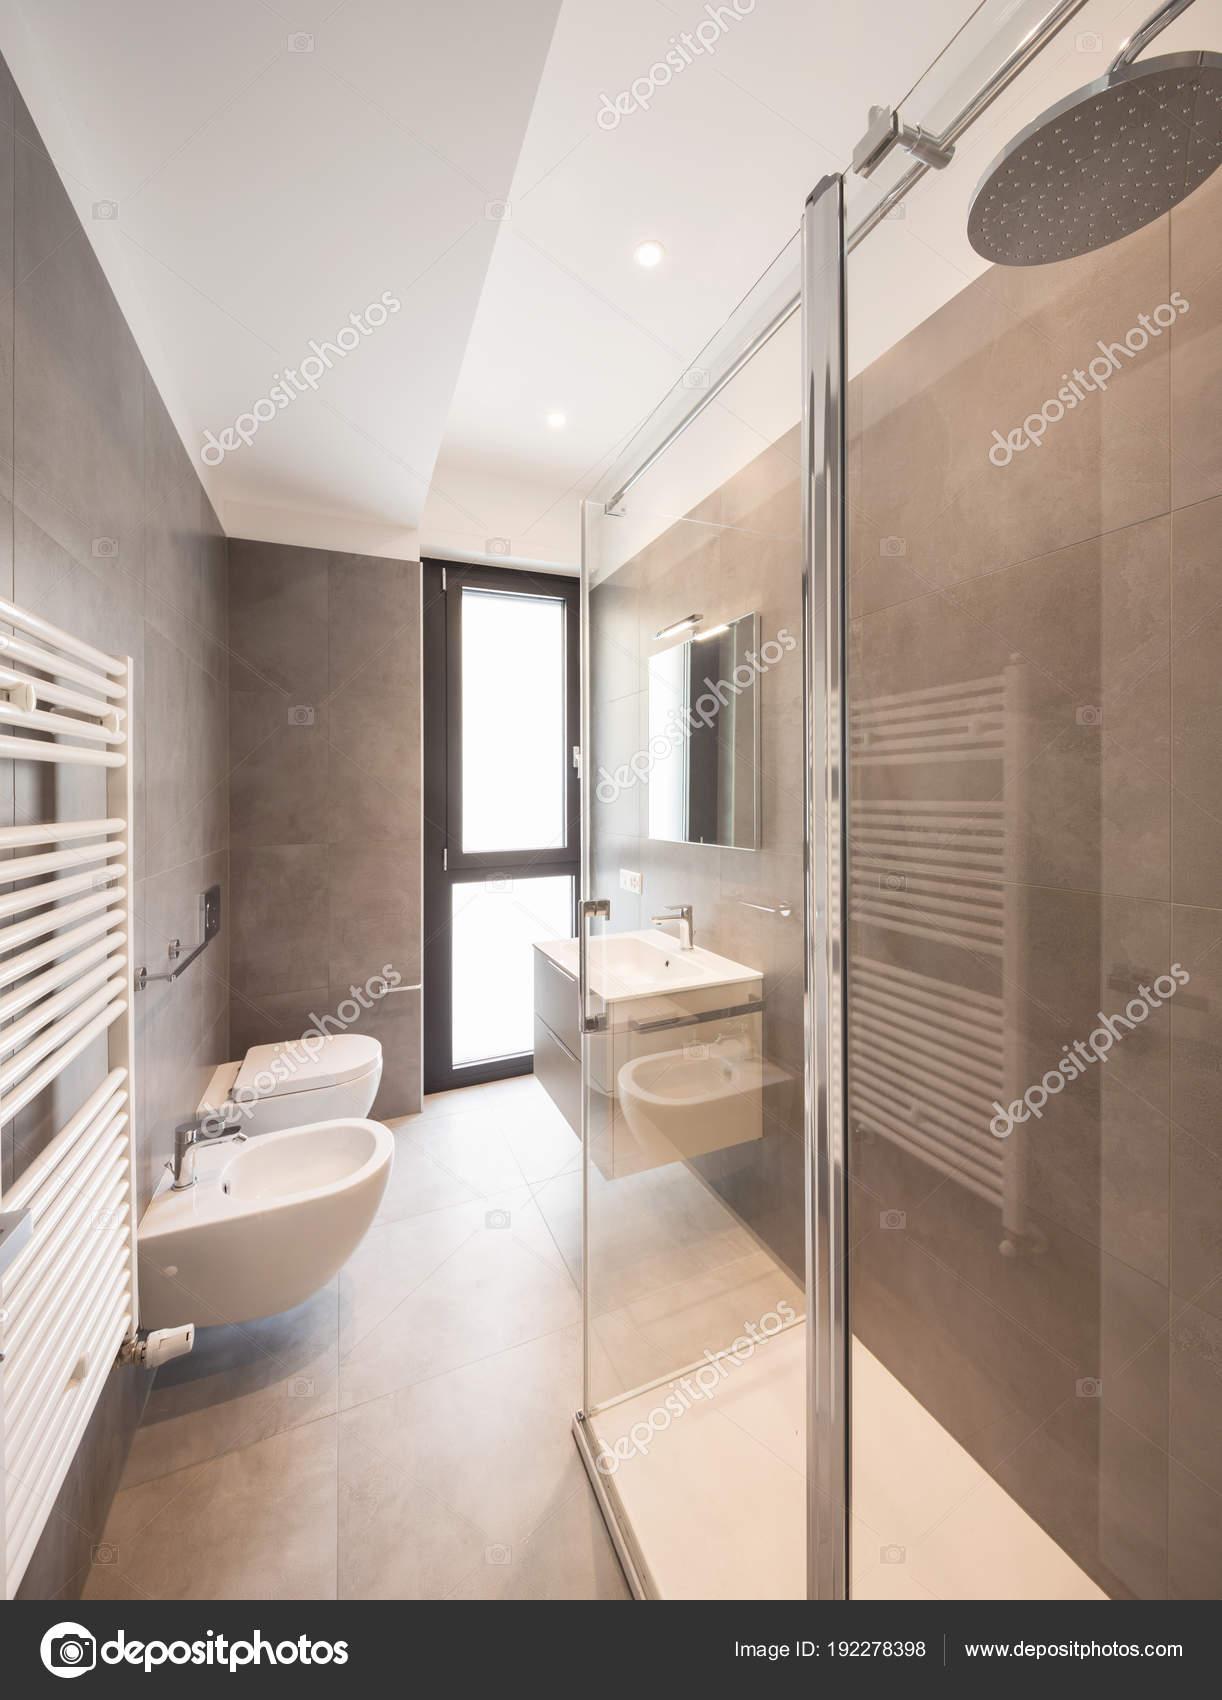 Minimalista moderno cuarto de baño con azulejos grandes — Foto de ...